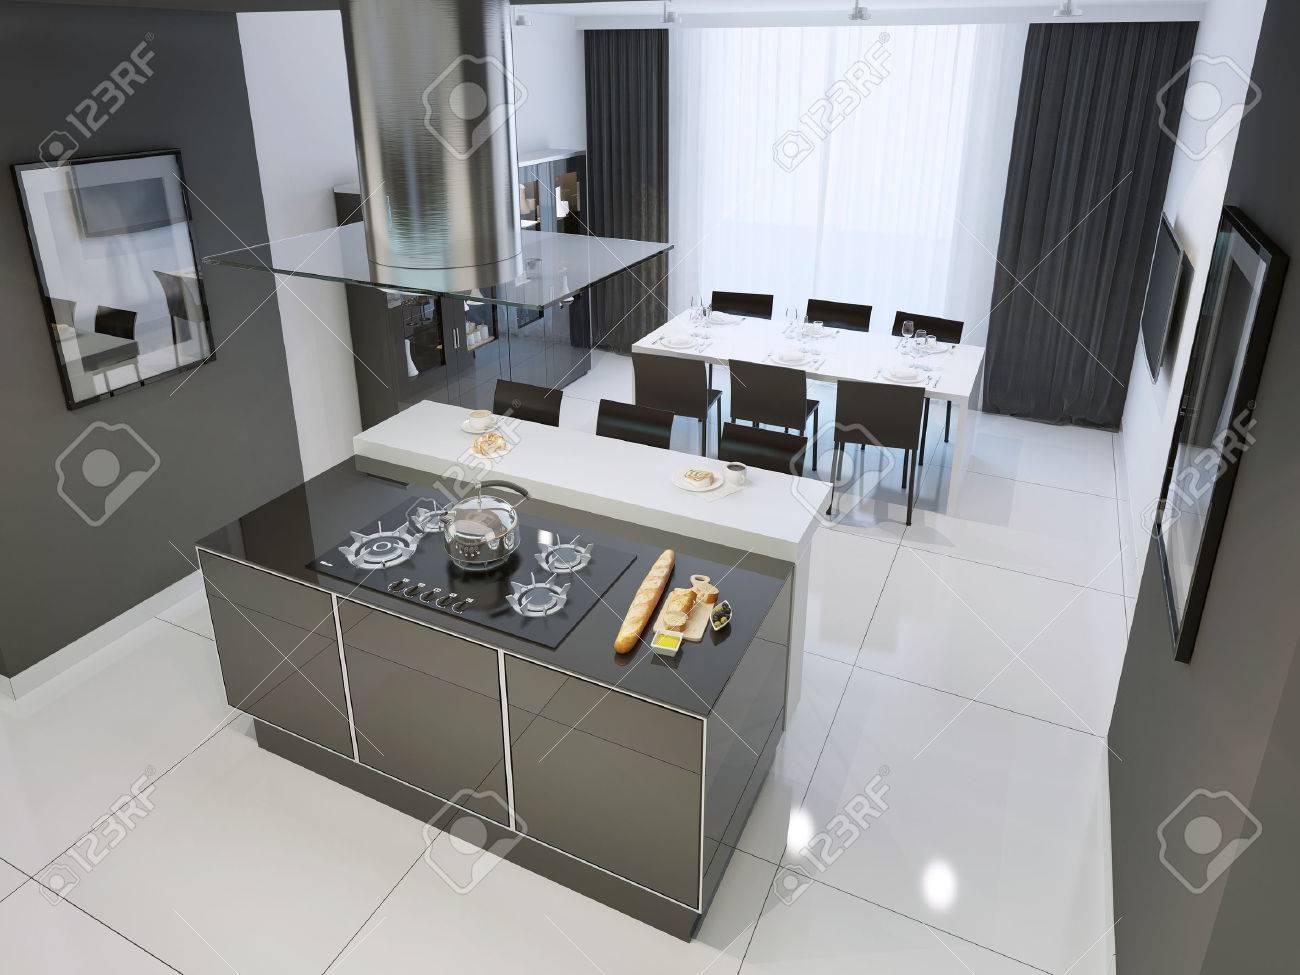 Techno Schwarz-weiß-Küche Interieur Mit Weißen Bodenbelag. 3D ...